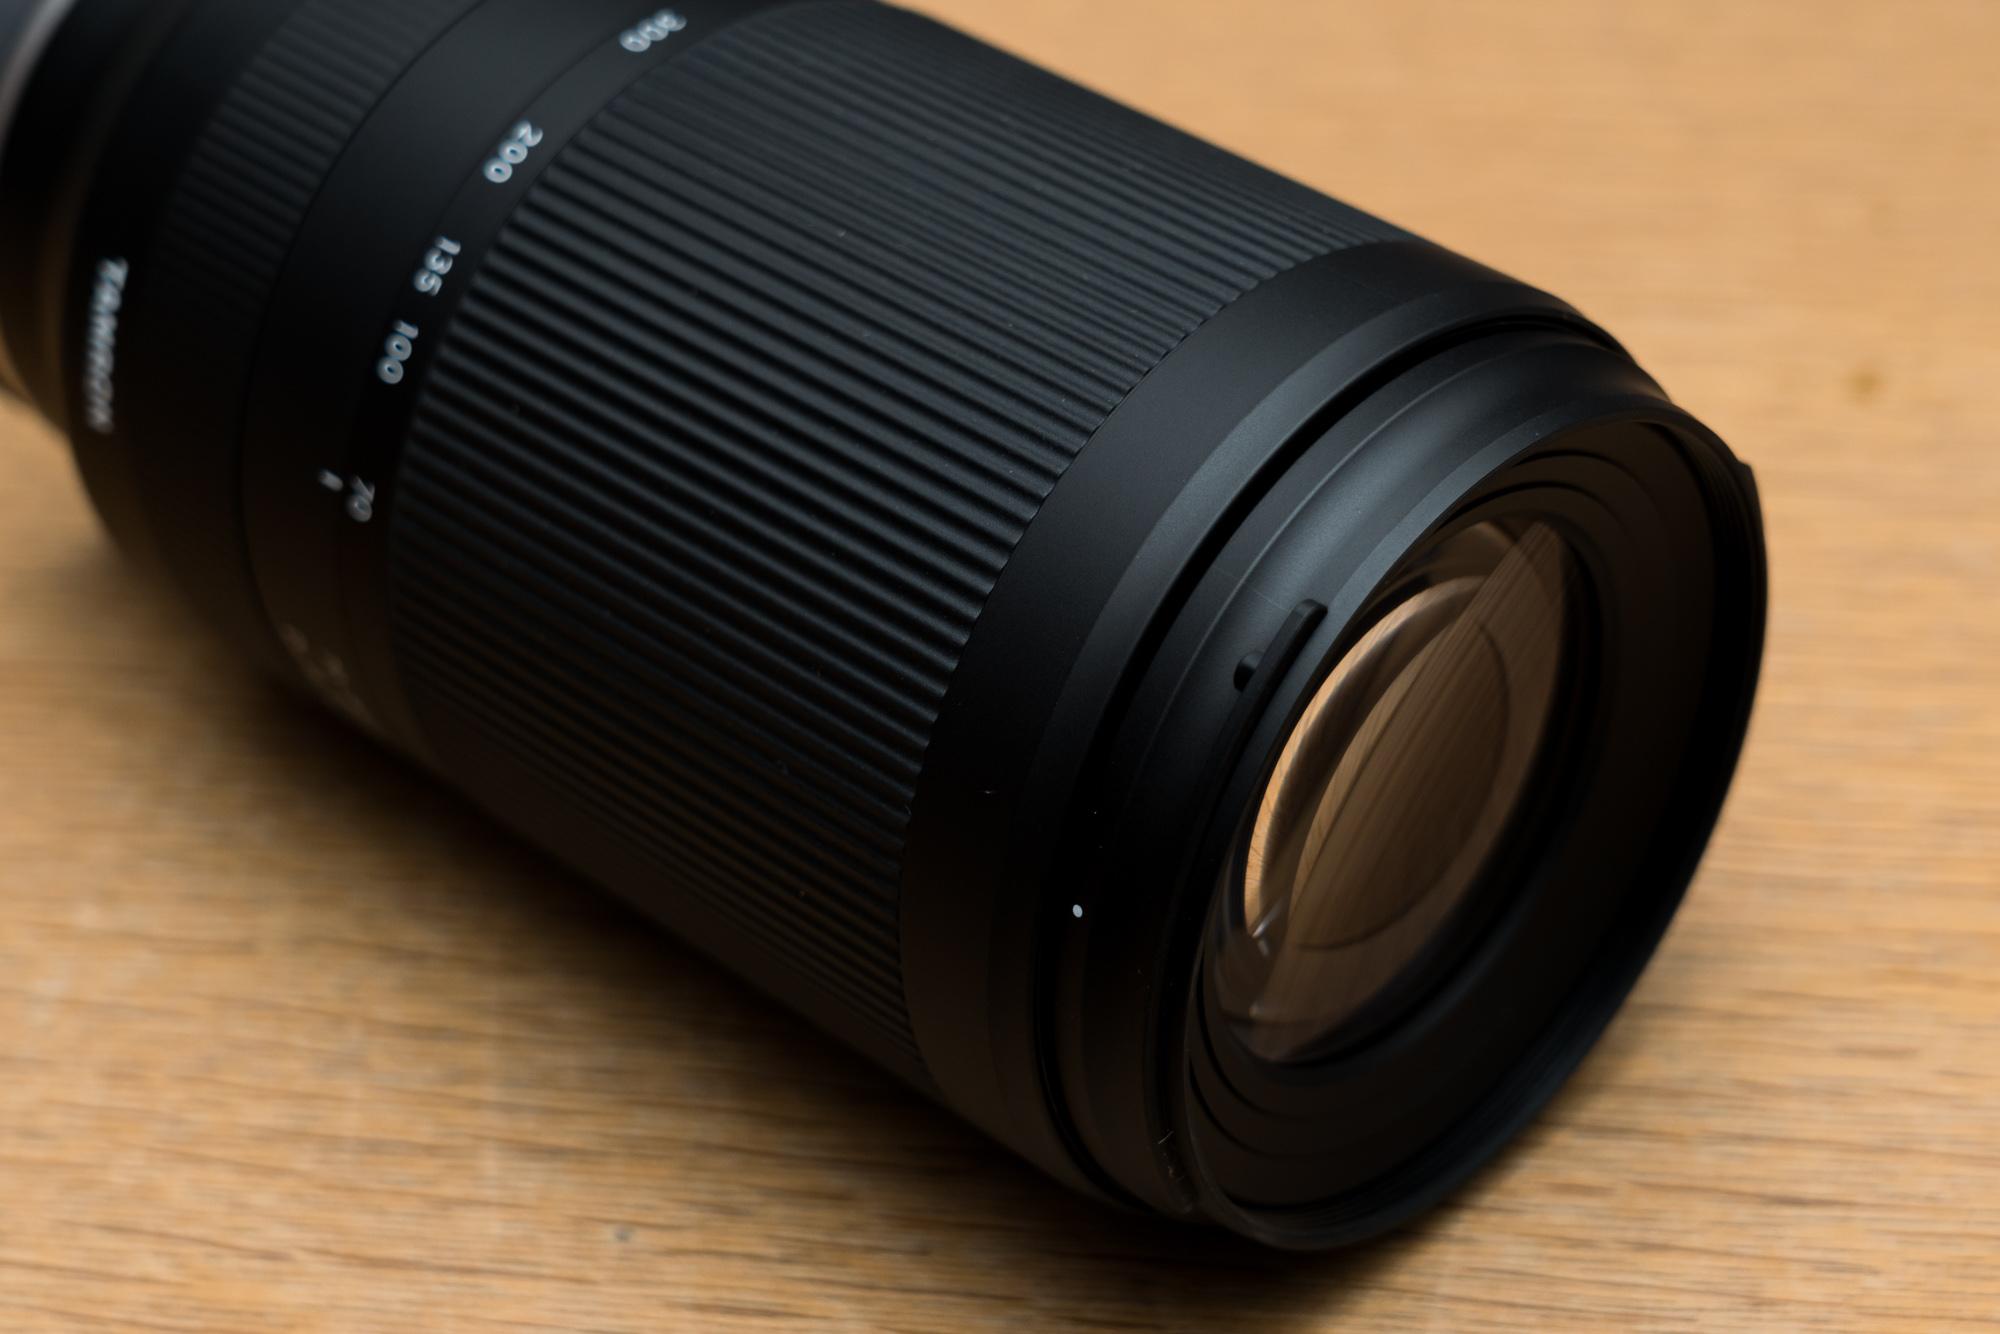 【レビュー】フルサイズEマウント向け望遠レンズ「TAMRON F/4.5-6.3 Di III RXD A047」を買いました